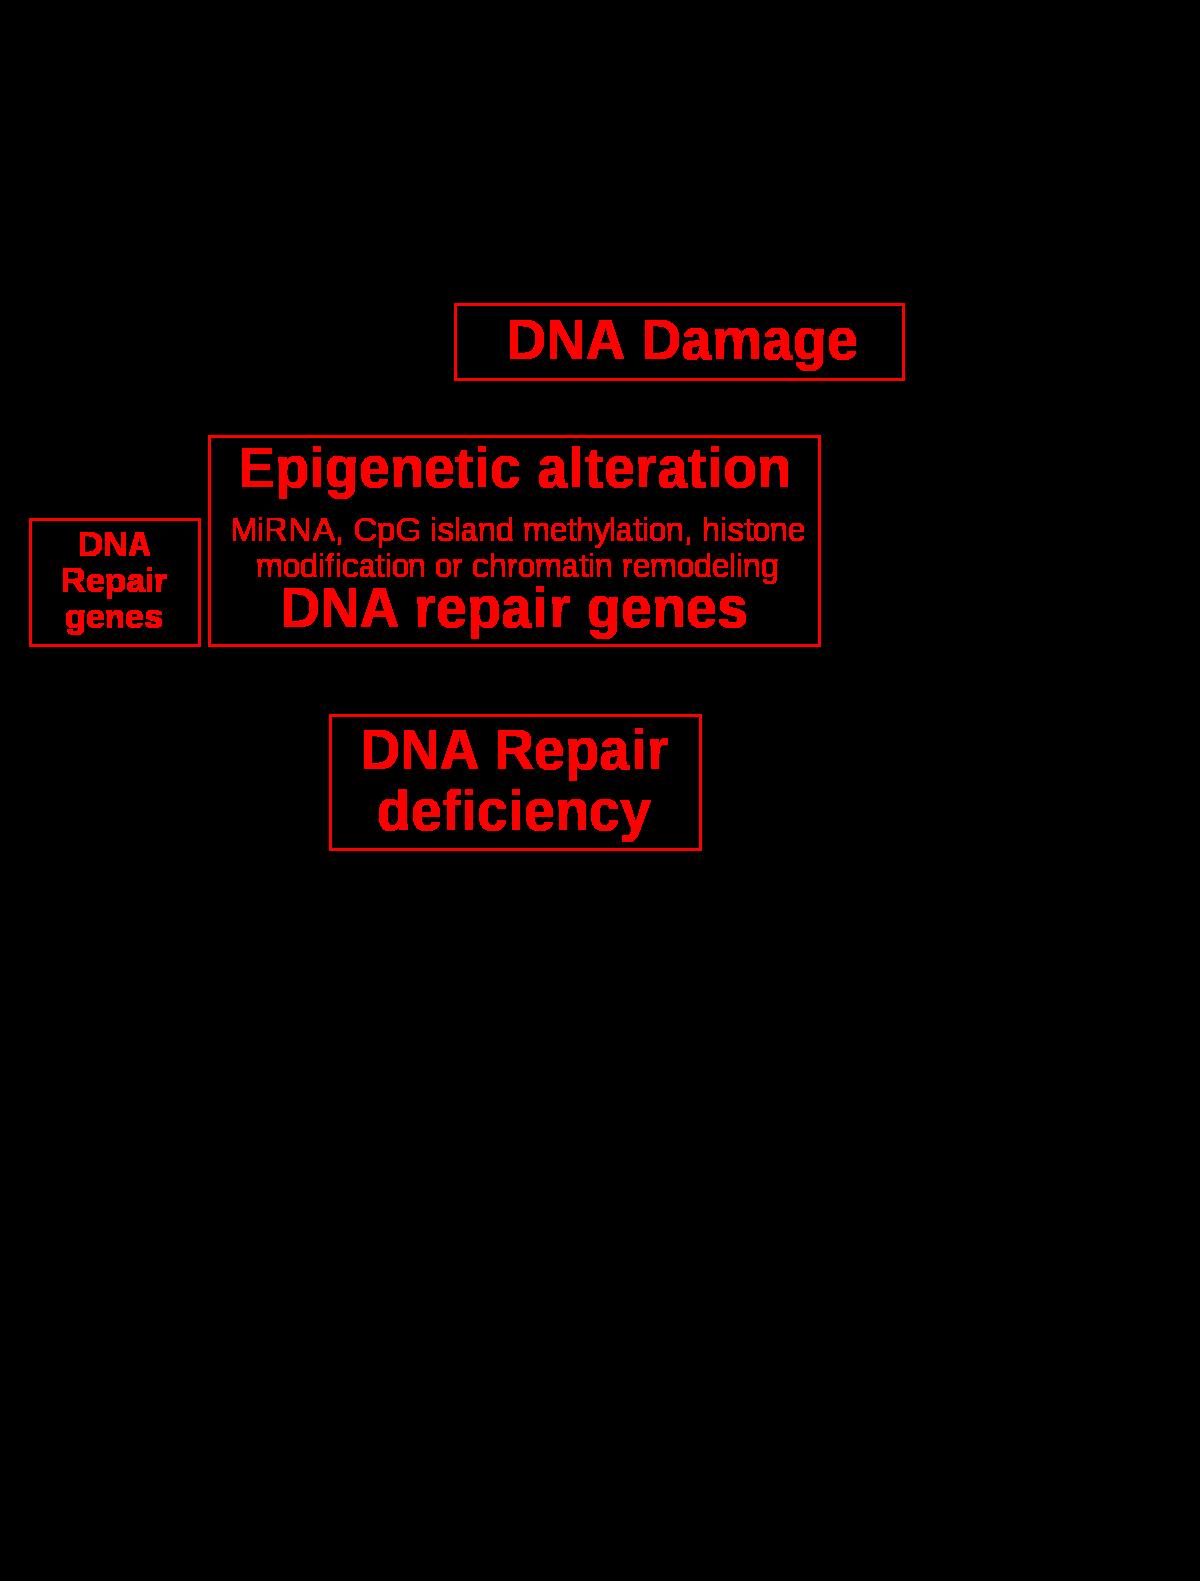 családi rákdaganat szupresszor gének